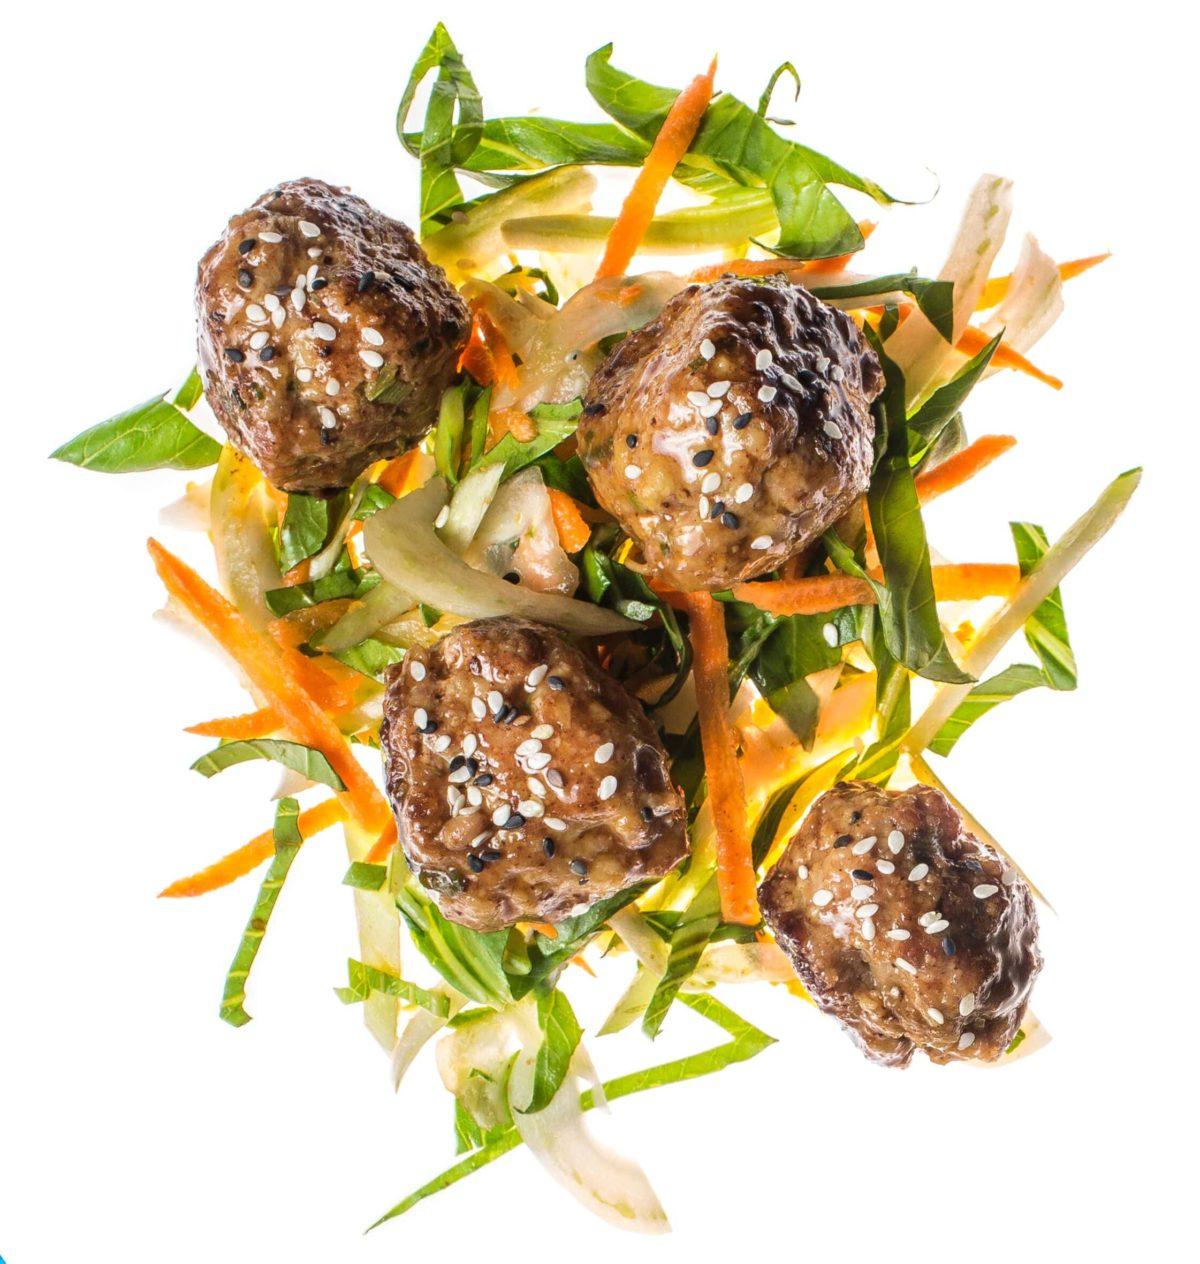 Hoisin Pork Meatballs With Bok Choy Slaw